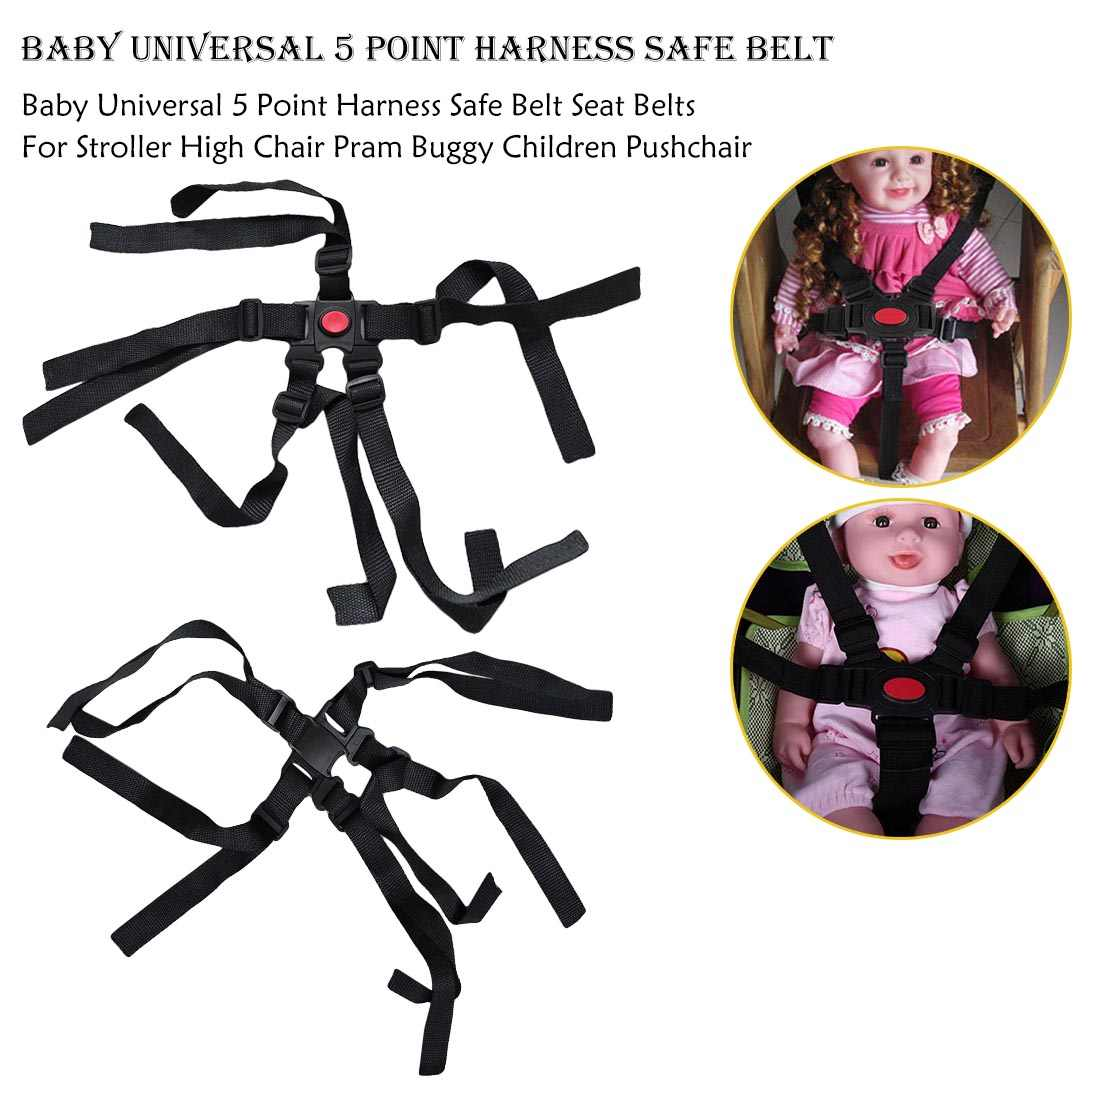 รถเข็นเด็กทารก Universal 5 จุดเข็มขัดนิรภัยเข็มขัดนิรภัยสำหรับรถเข็นเด็กเก้าอี้สูงรถเข็นเด็กปลอดภัยใช้งานง่าย